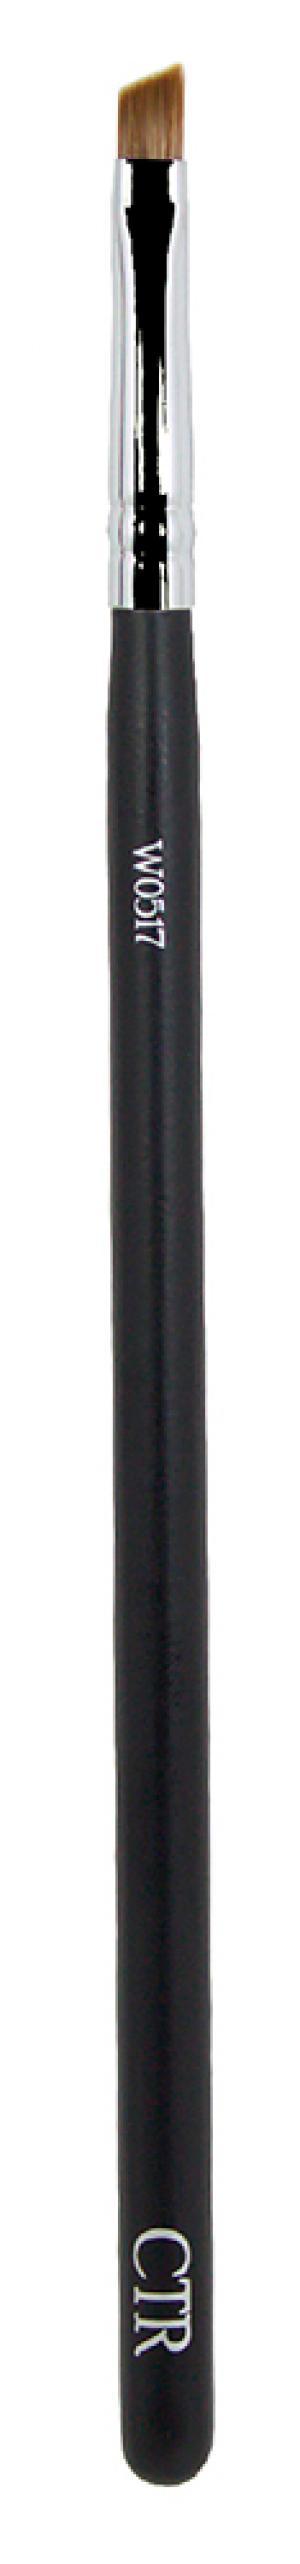 Кисть для бровей W0517 - 00-00011548